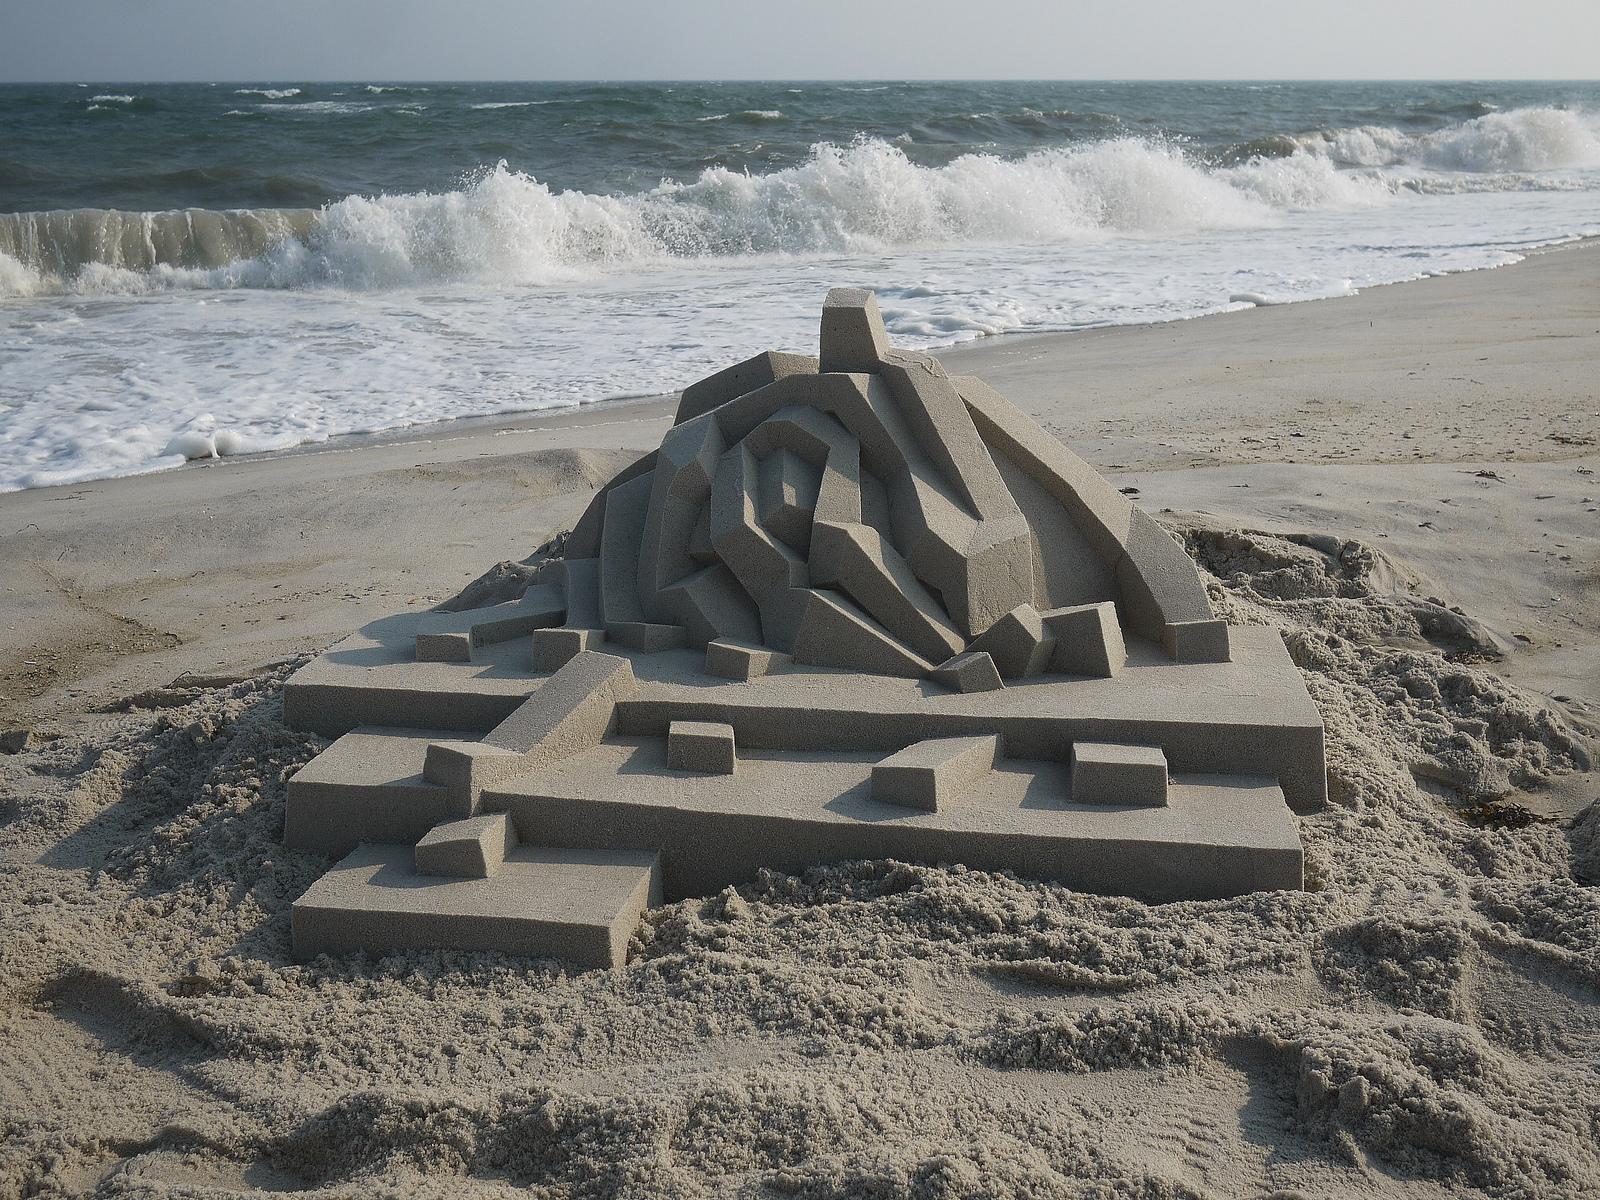 sand-castles-calvin-seibert- 13